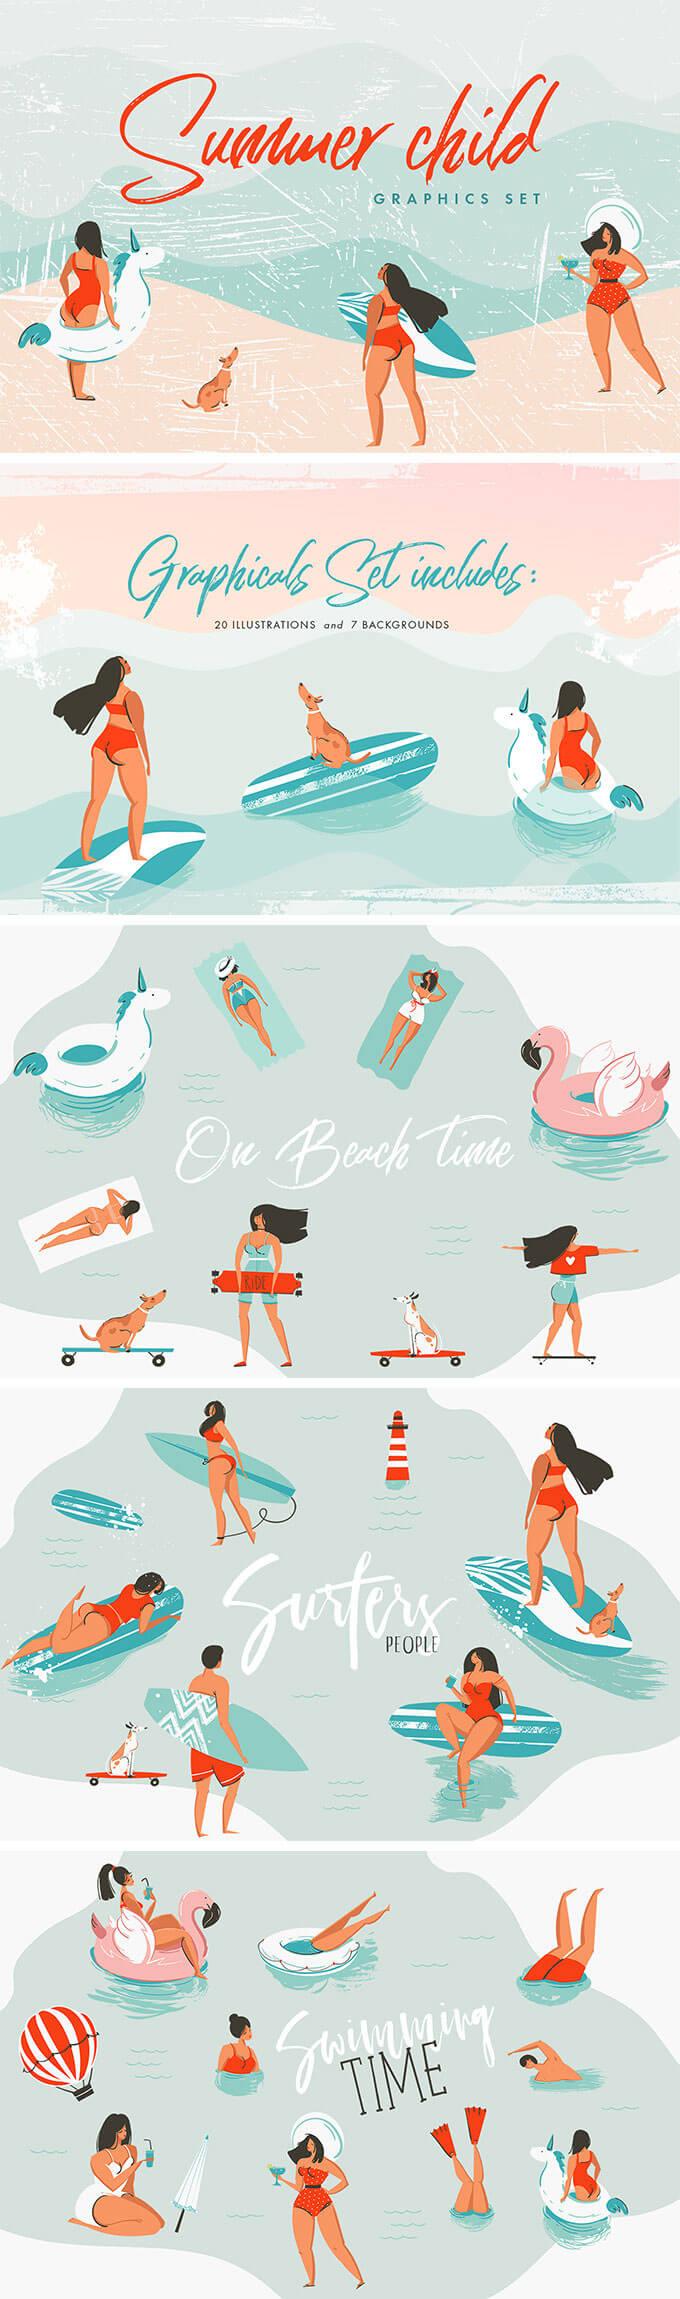 c229fbef62d 水着の女性やフラミンゴ、ユニーコーン型浮き輪、イルカなど夏をテーマにしたイラストベクター素材で、20種類のイラストと7種類の背景デザインが揃います。